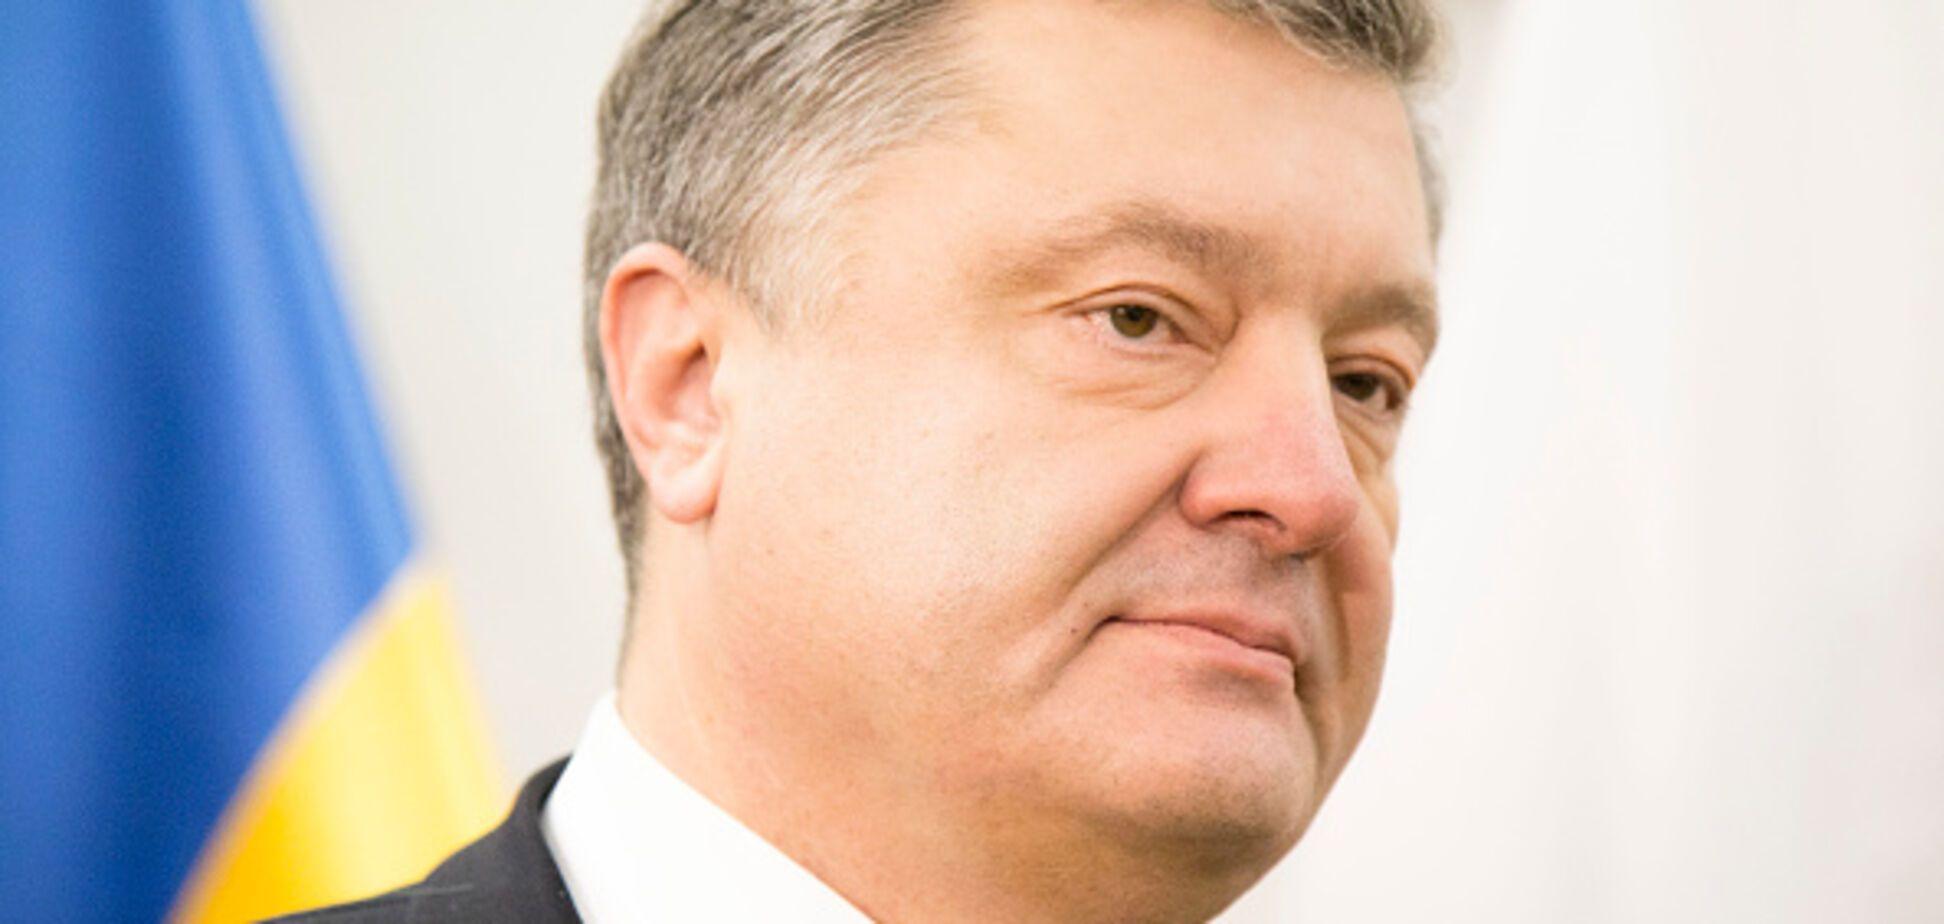 Скандальний 'лист Порошенка': блогер дізнався, з ким працювали Саакашвілі і ФСБ